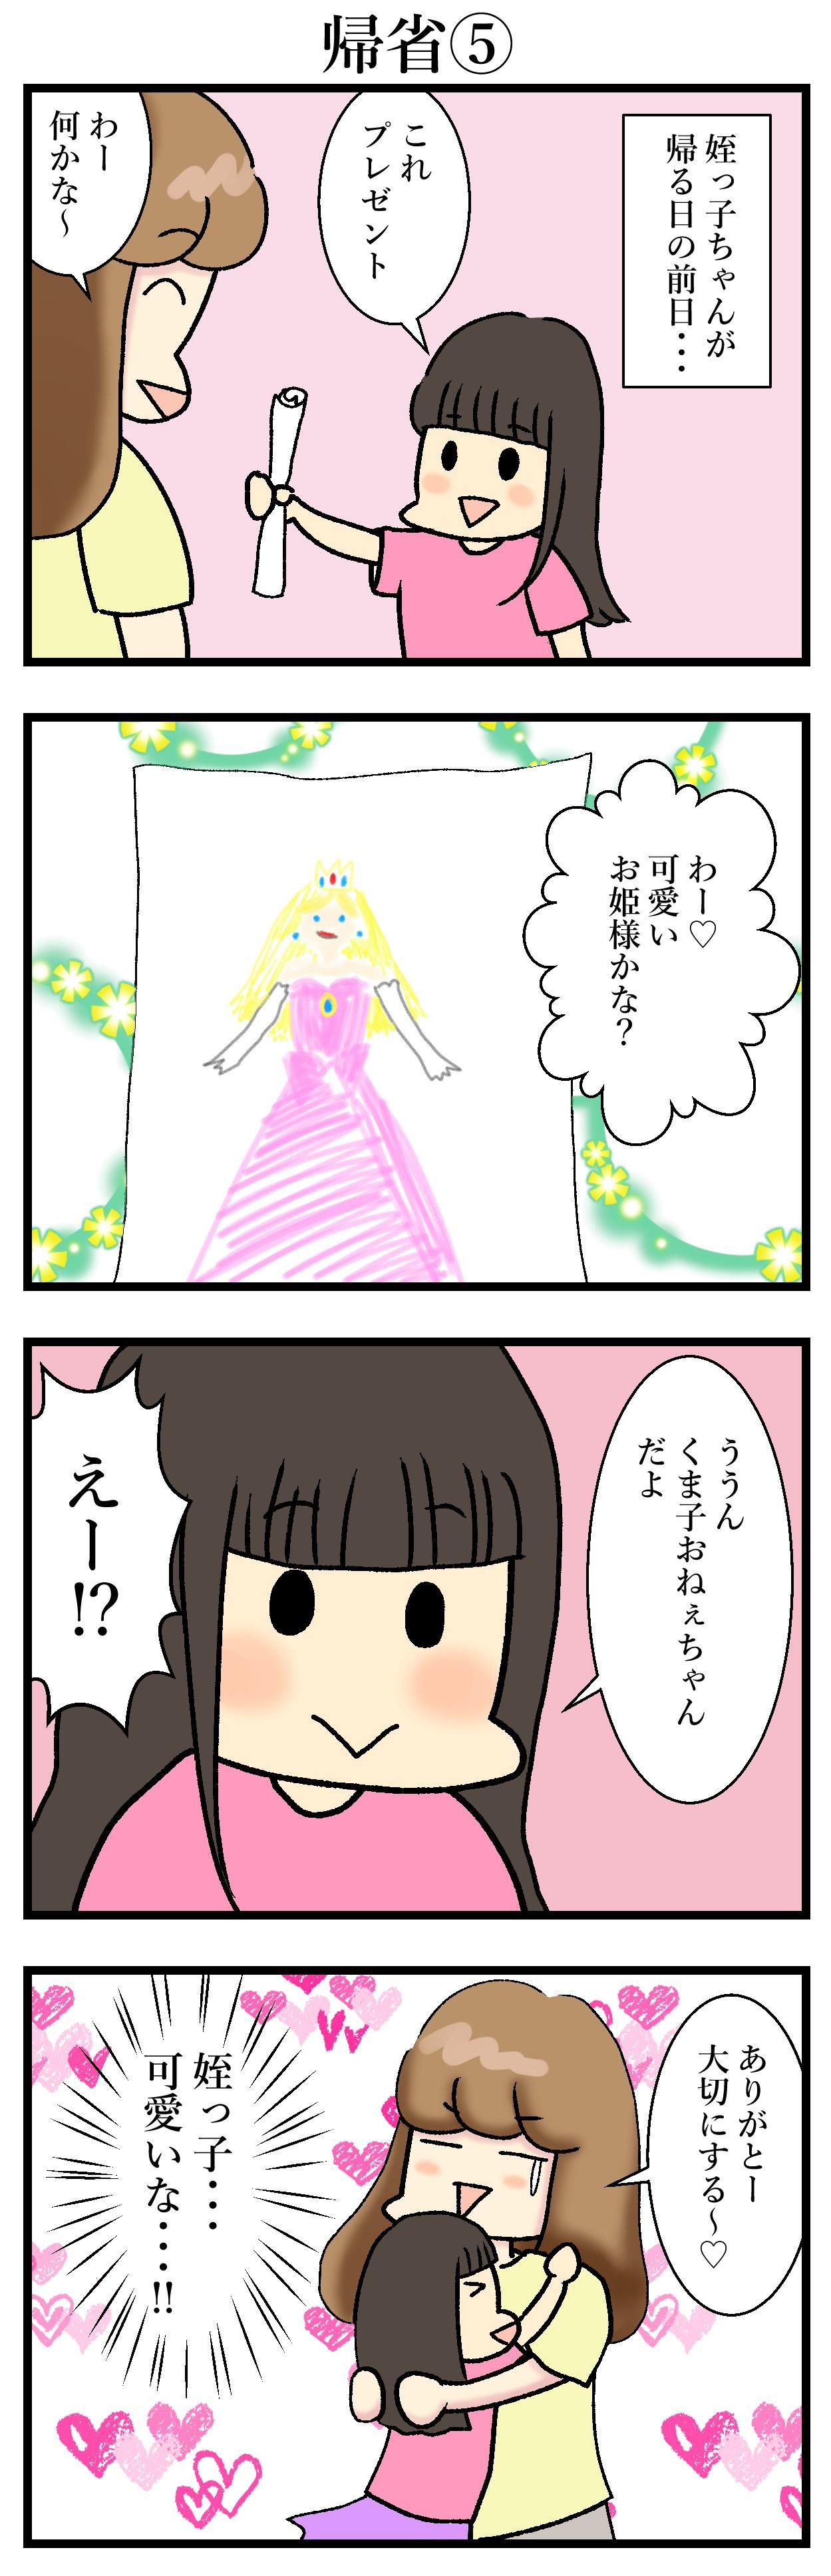 【エッセイ漫画】アラサー主婦くま子のふがいない日常(47)